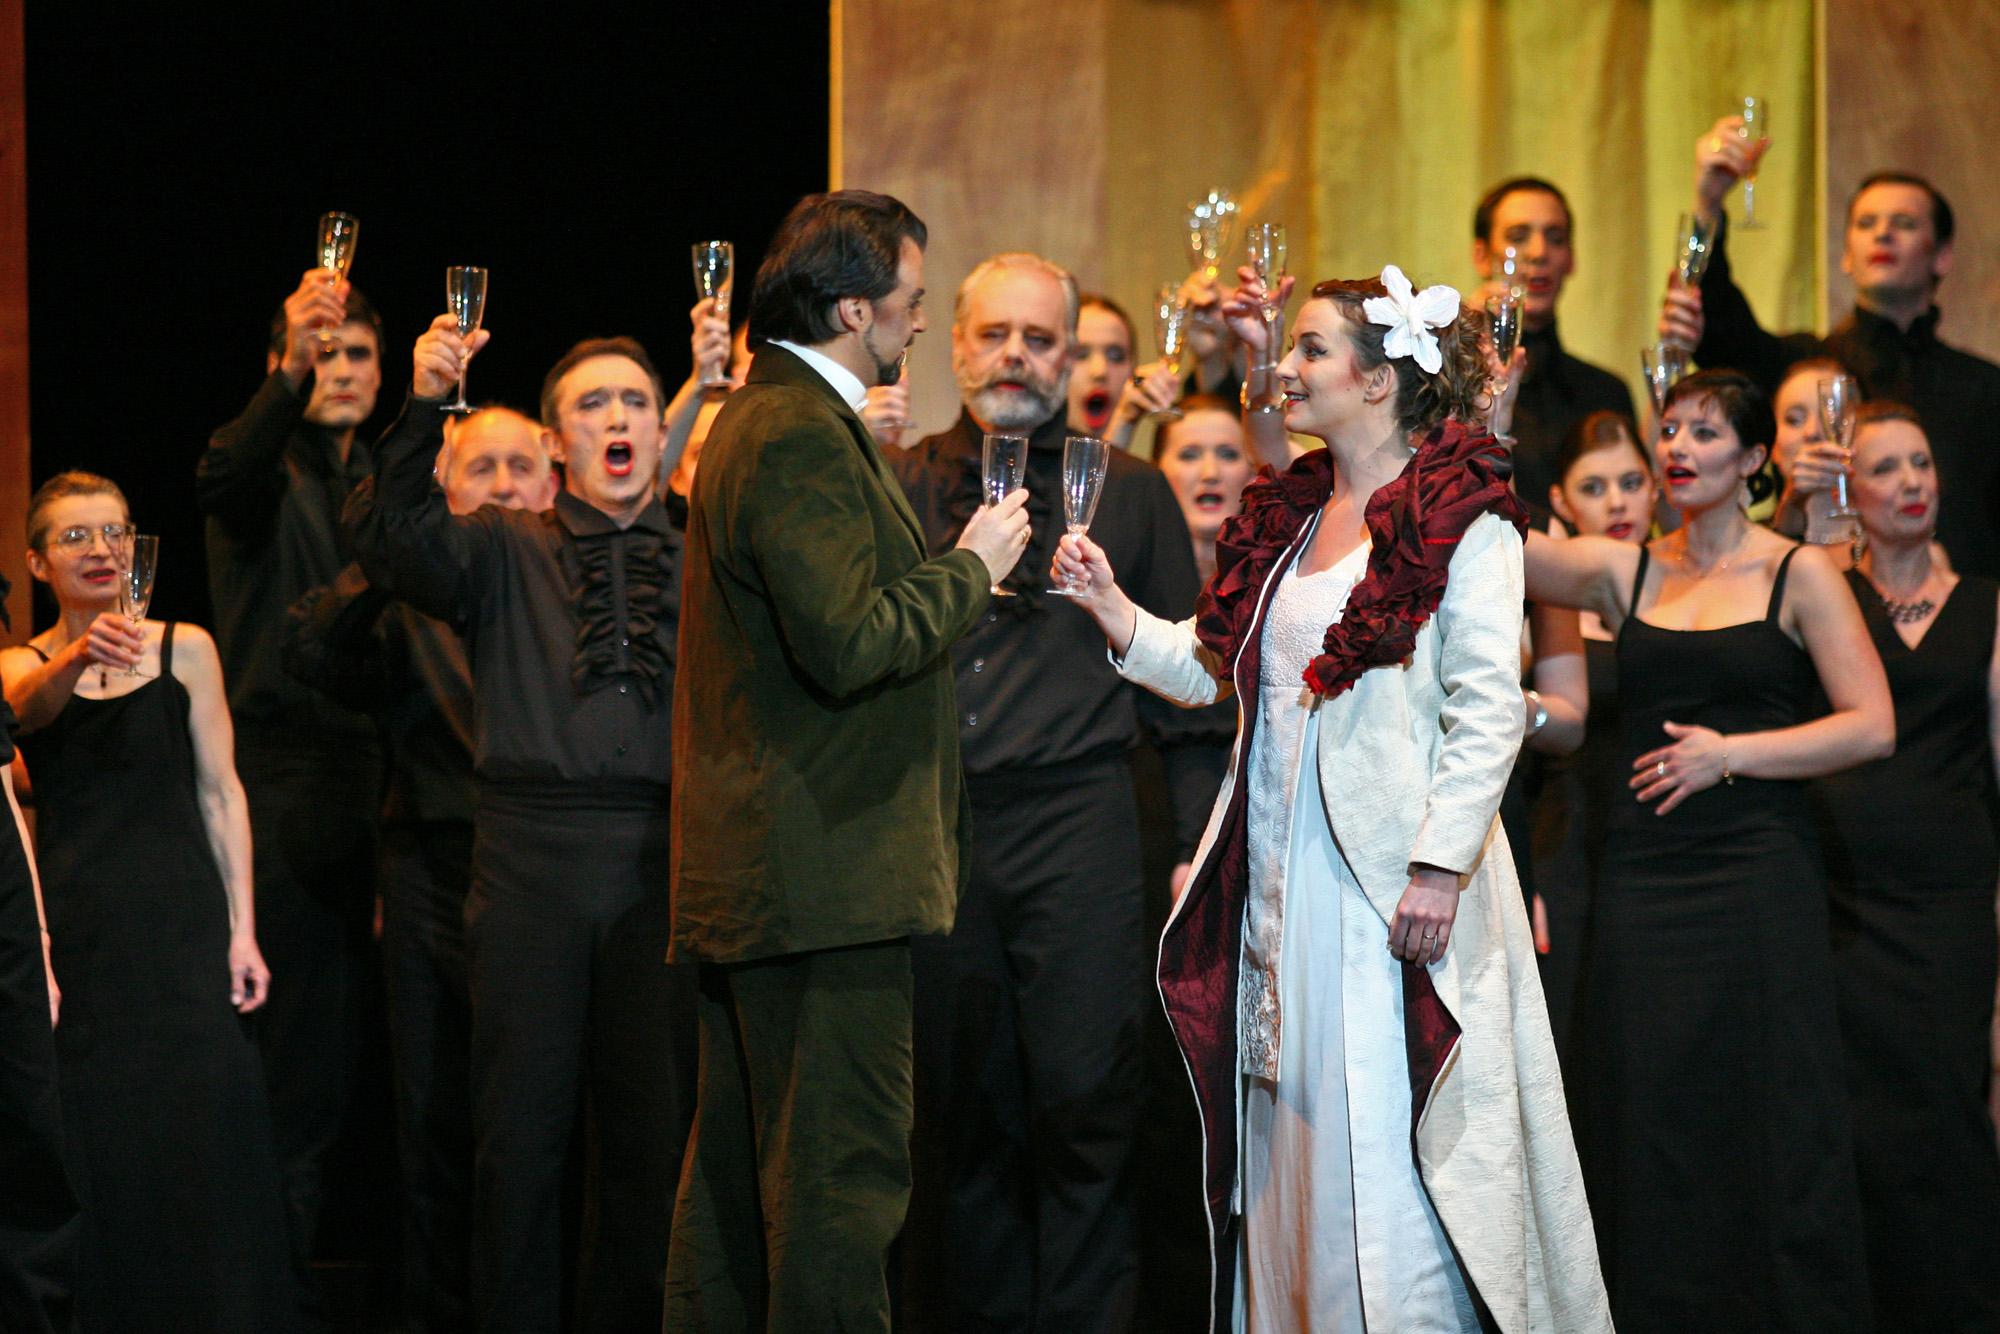 La Traviata - Libiamo Grenoble 2008